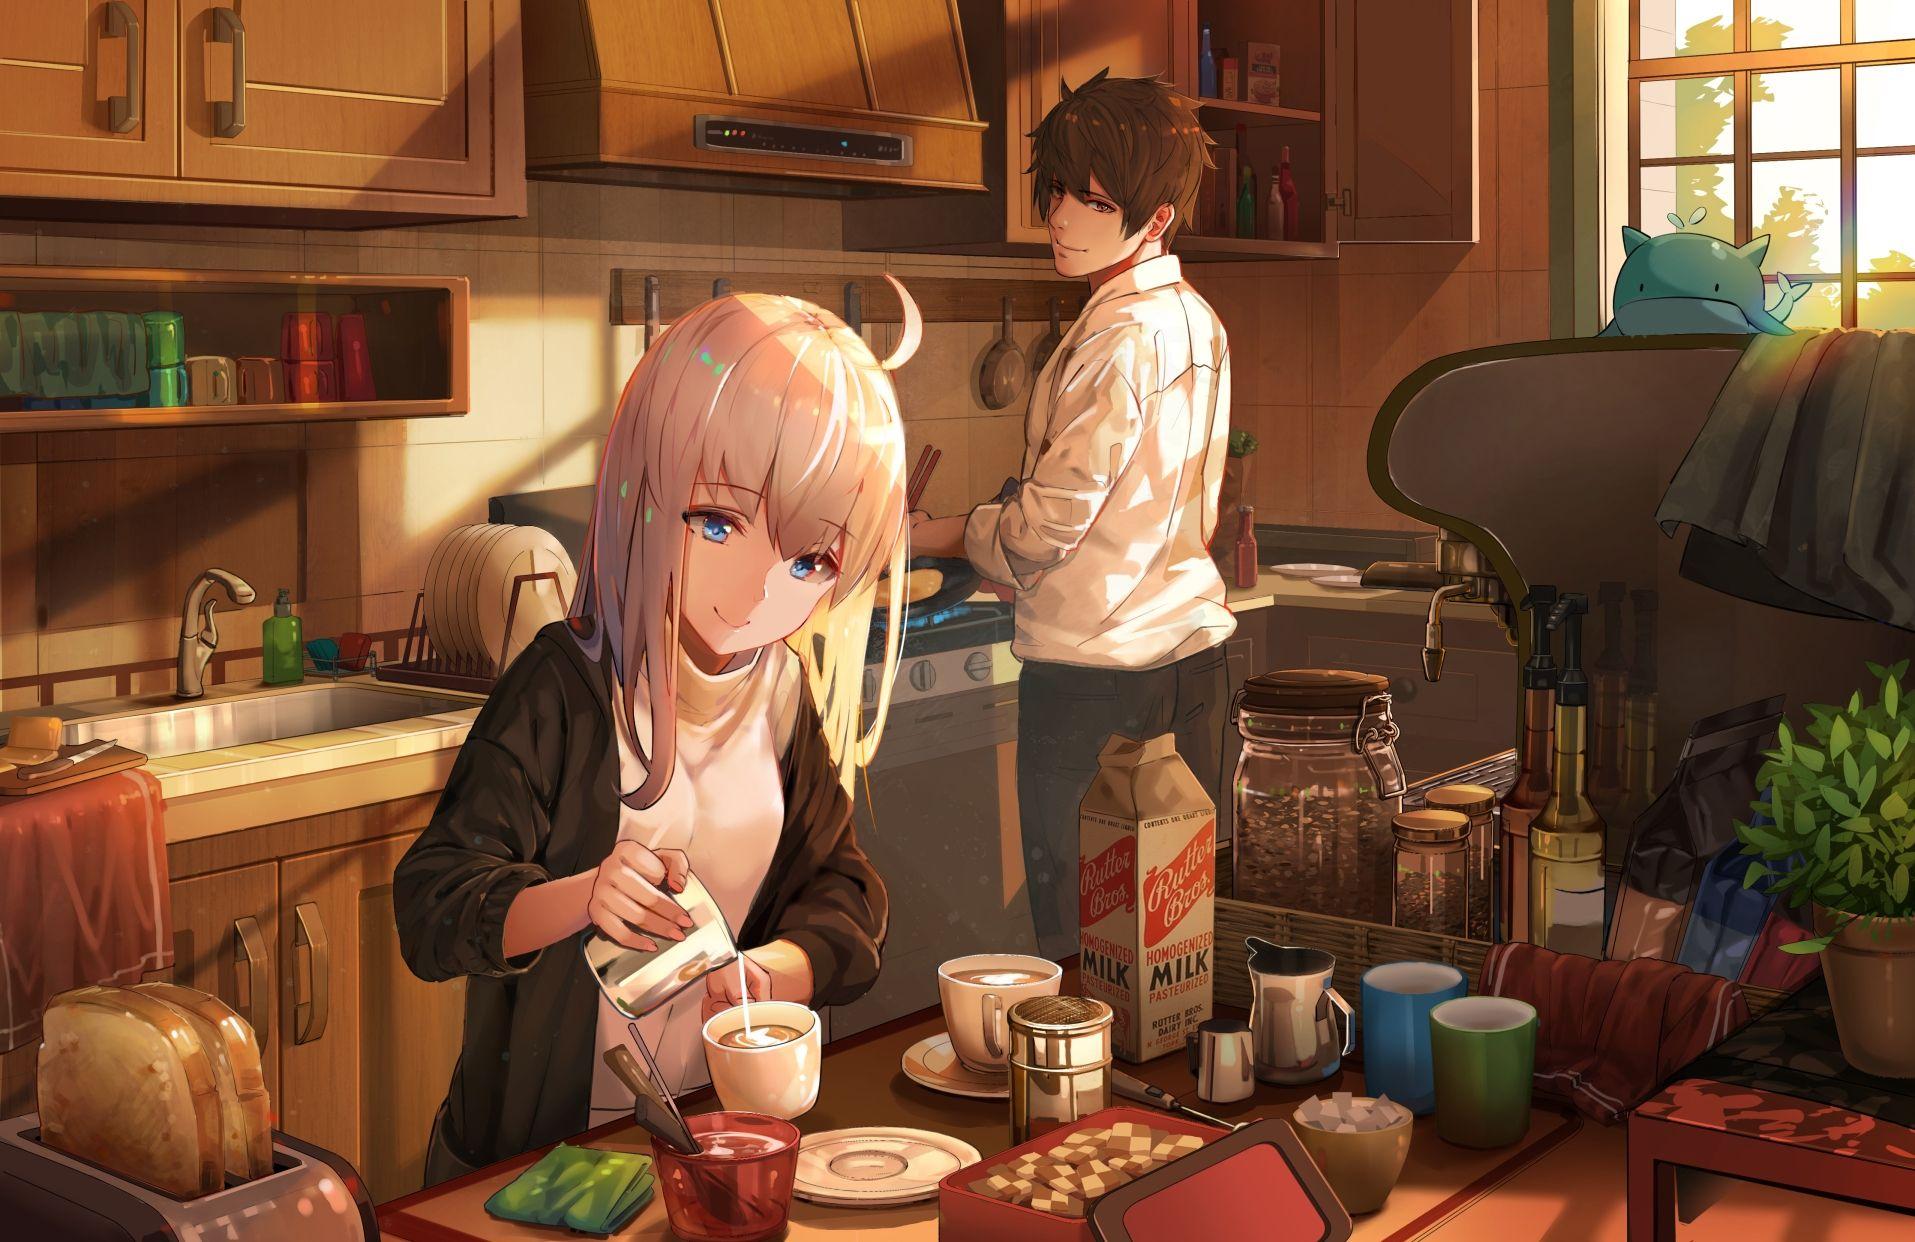 อนิเมะทำอาหาร